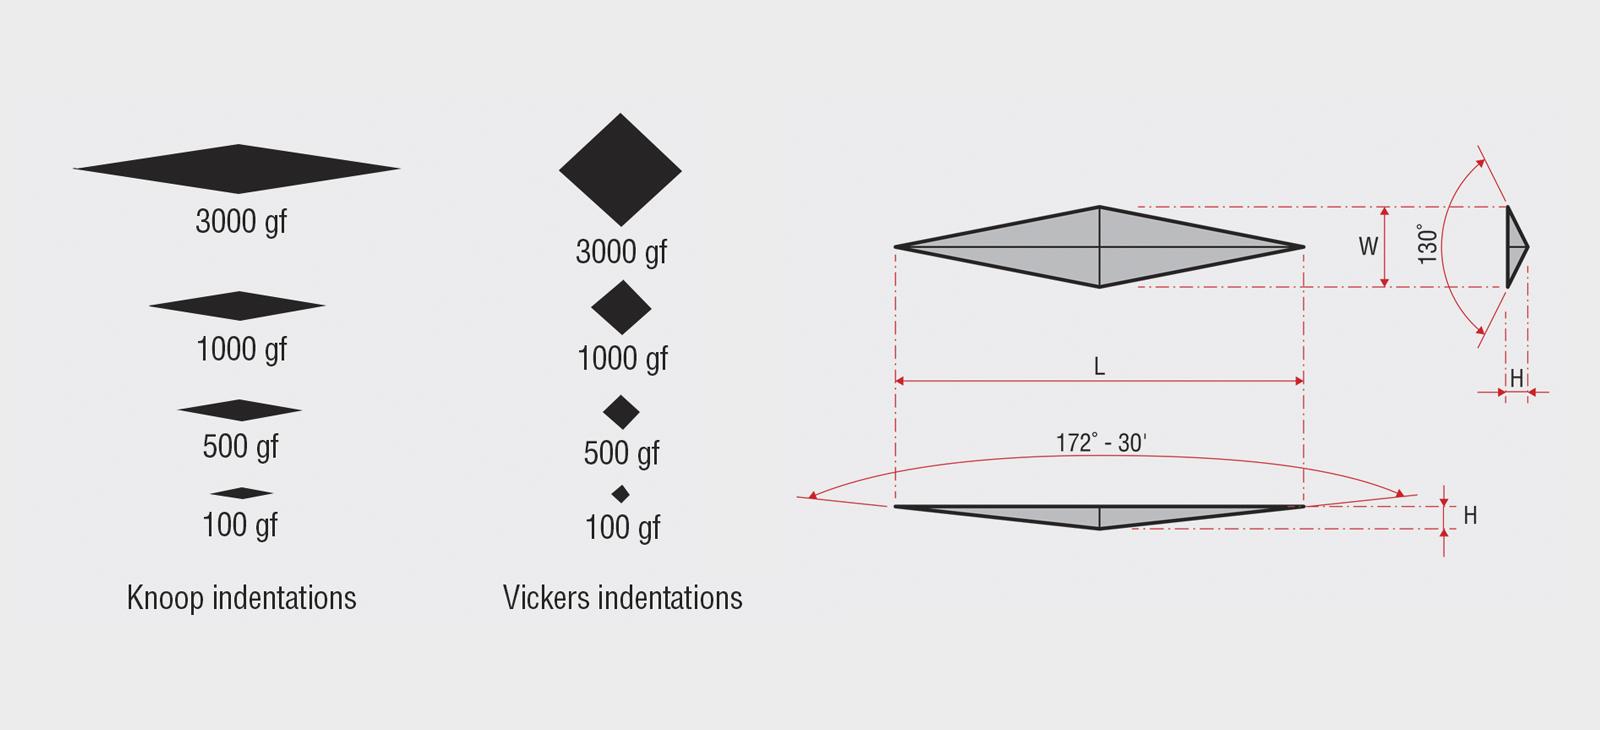 Knoop im Vergleich zu Vickers